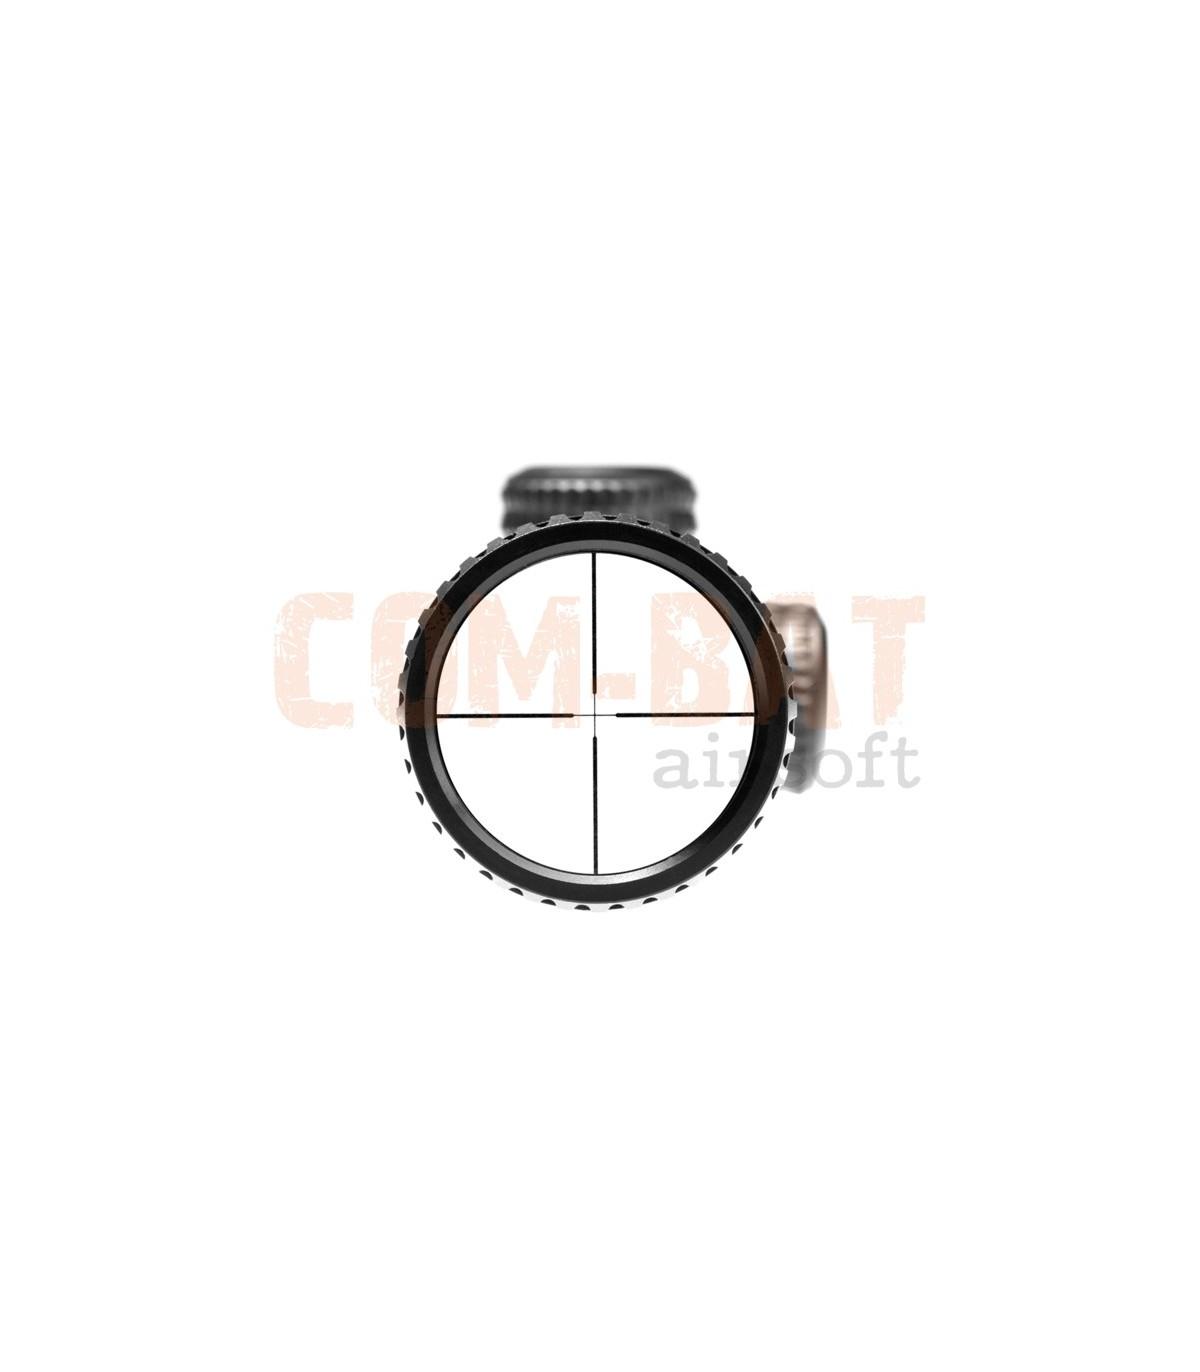 Vortex Optics Crossfire Ii 3 9x40 Plex